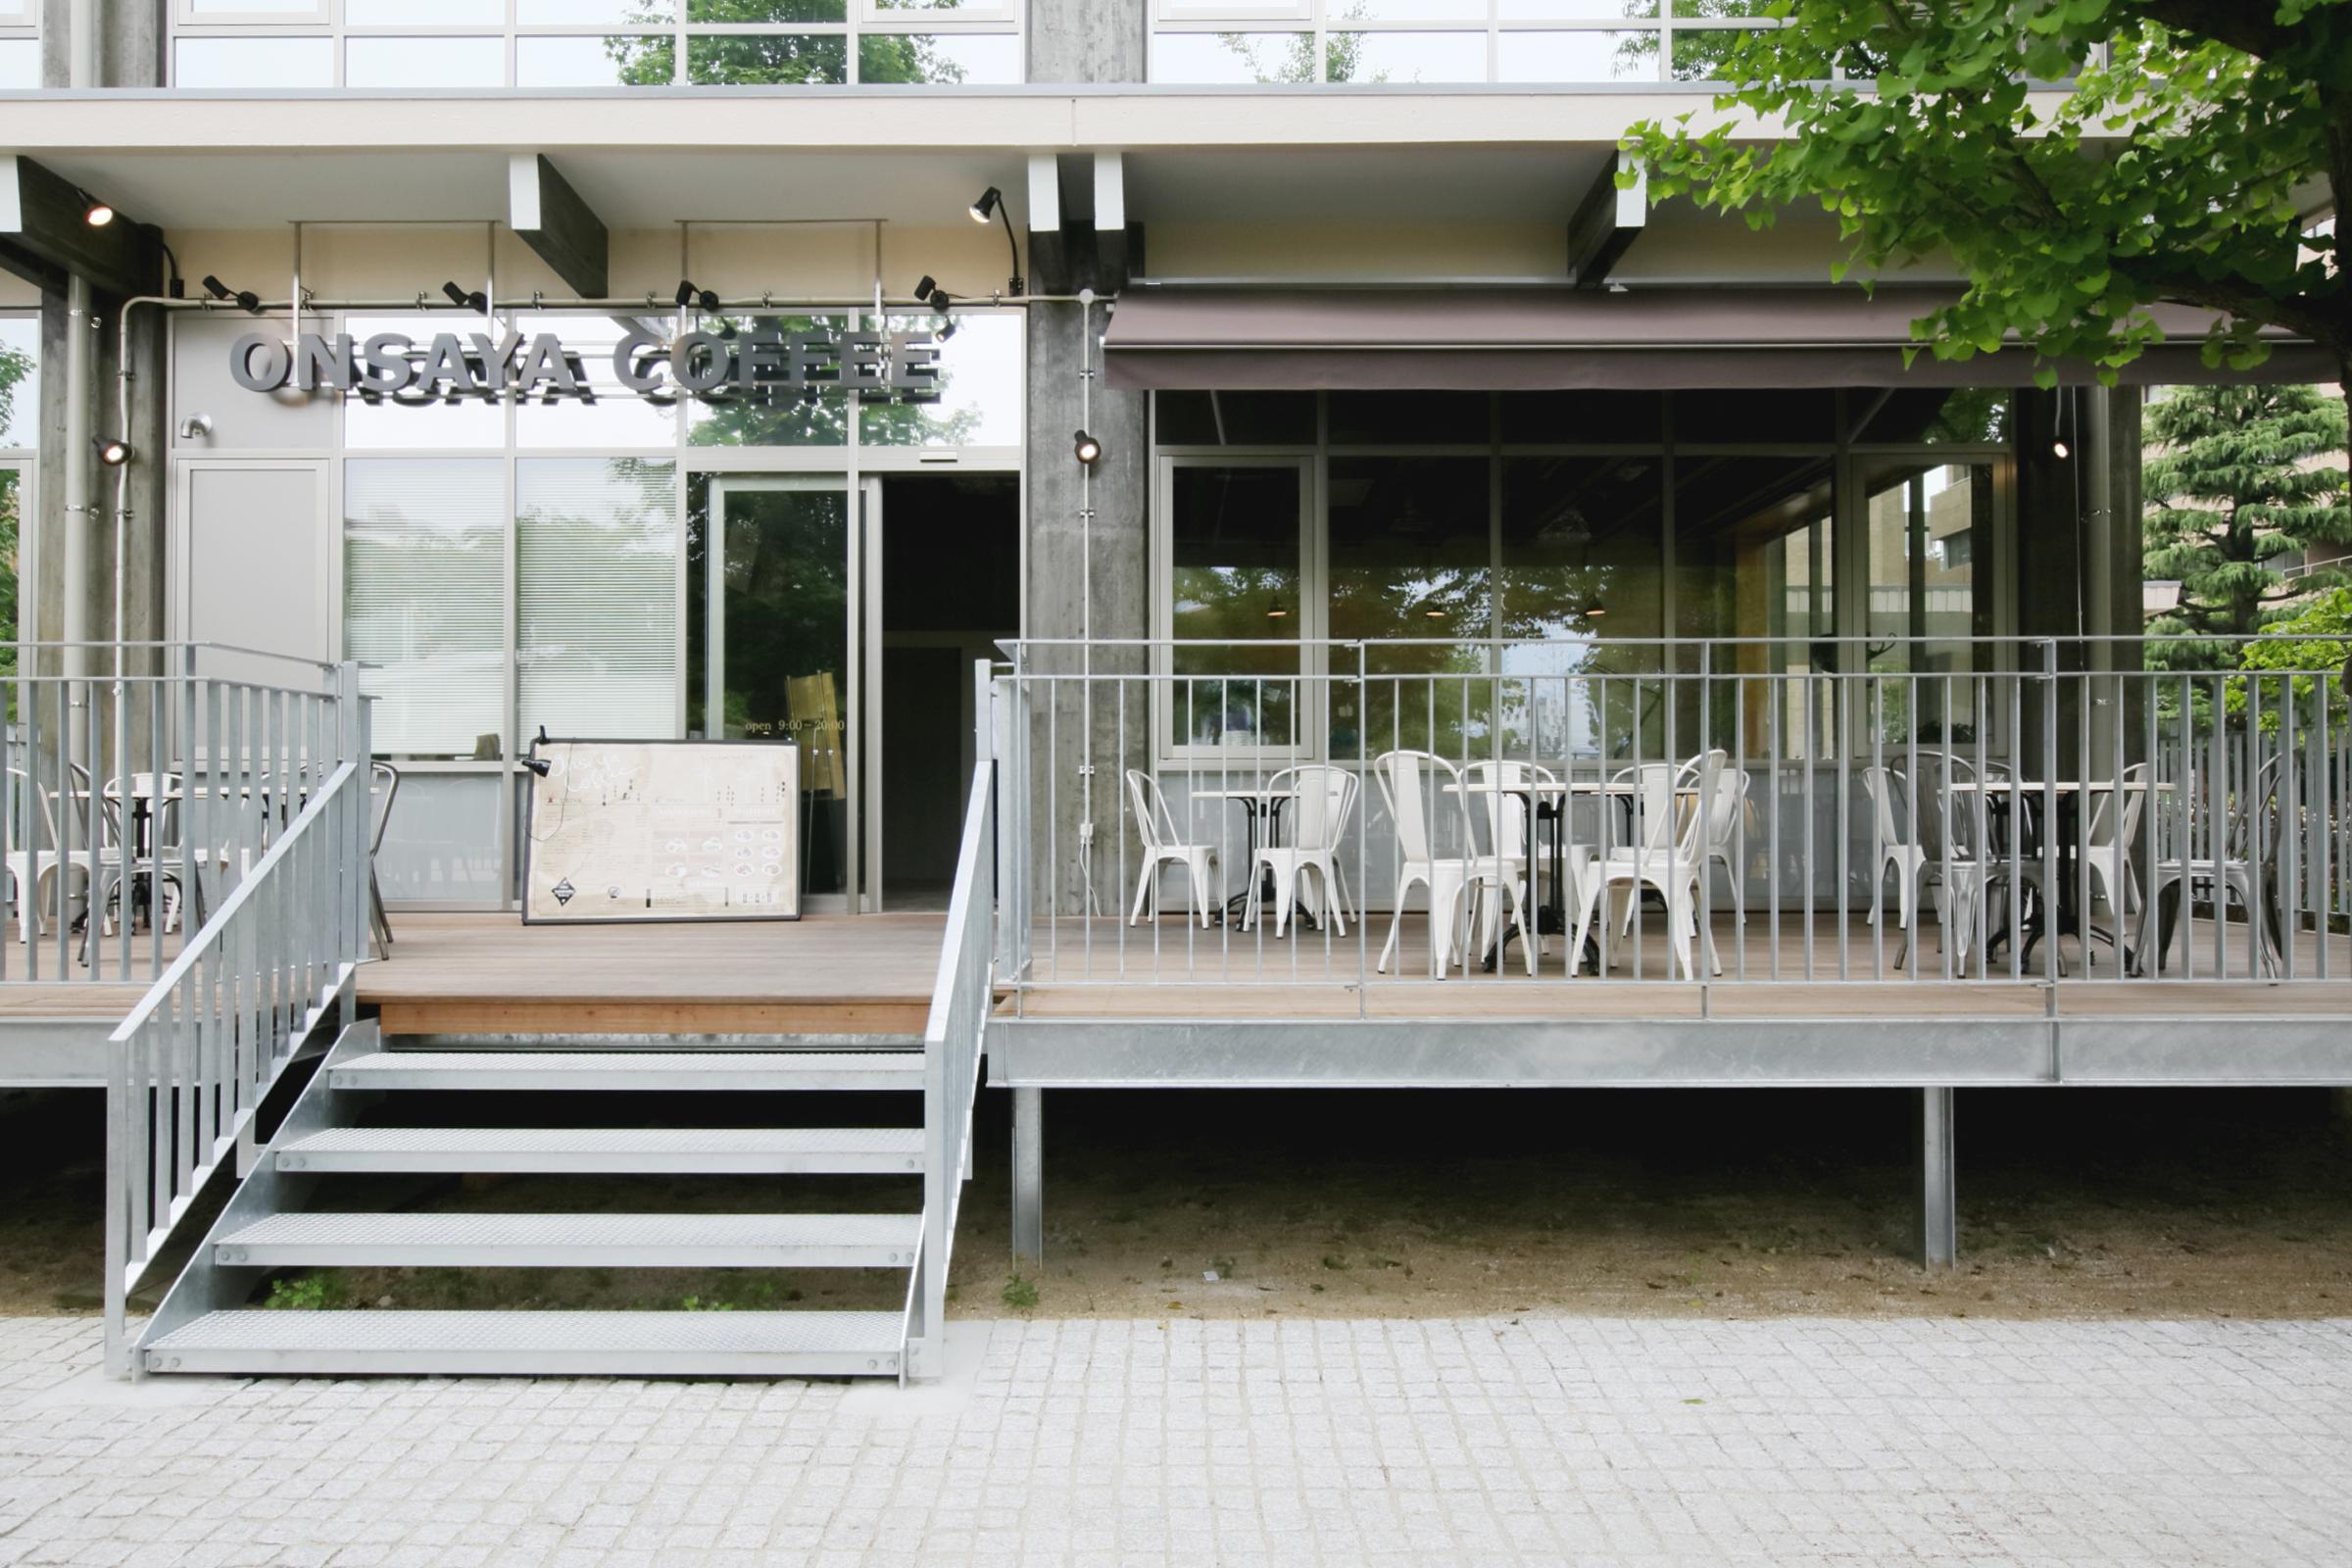 岡山市_レストラン_ONSAYA COFFEE shikataの内装・外観05